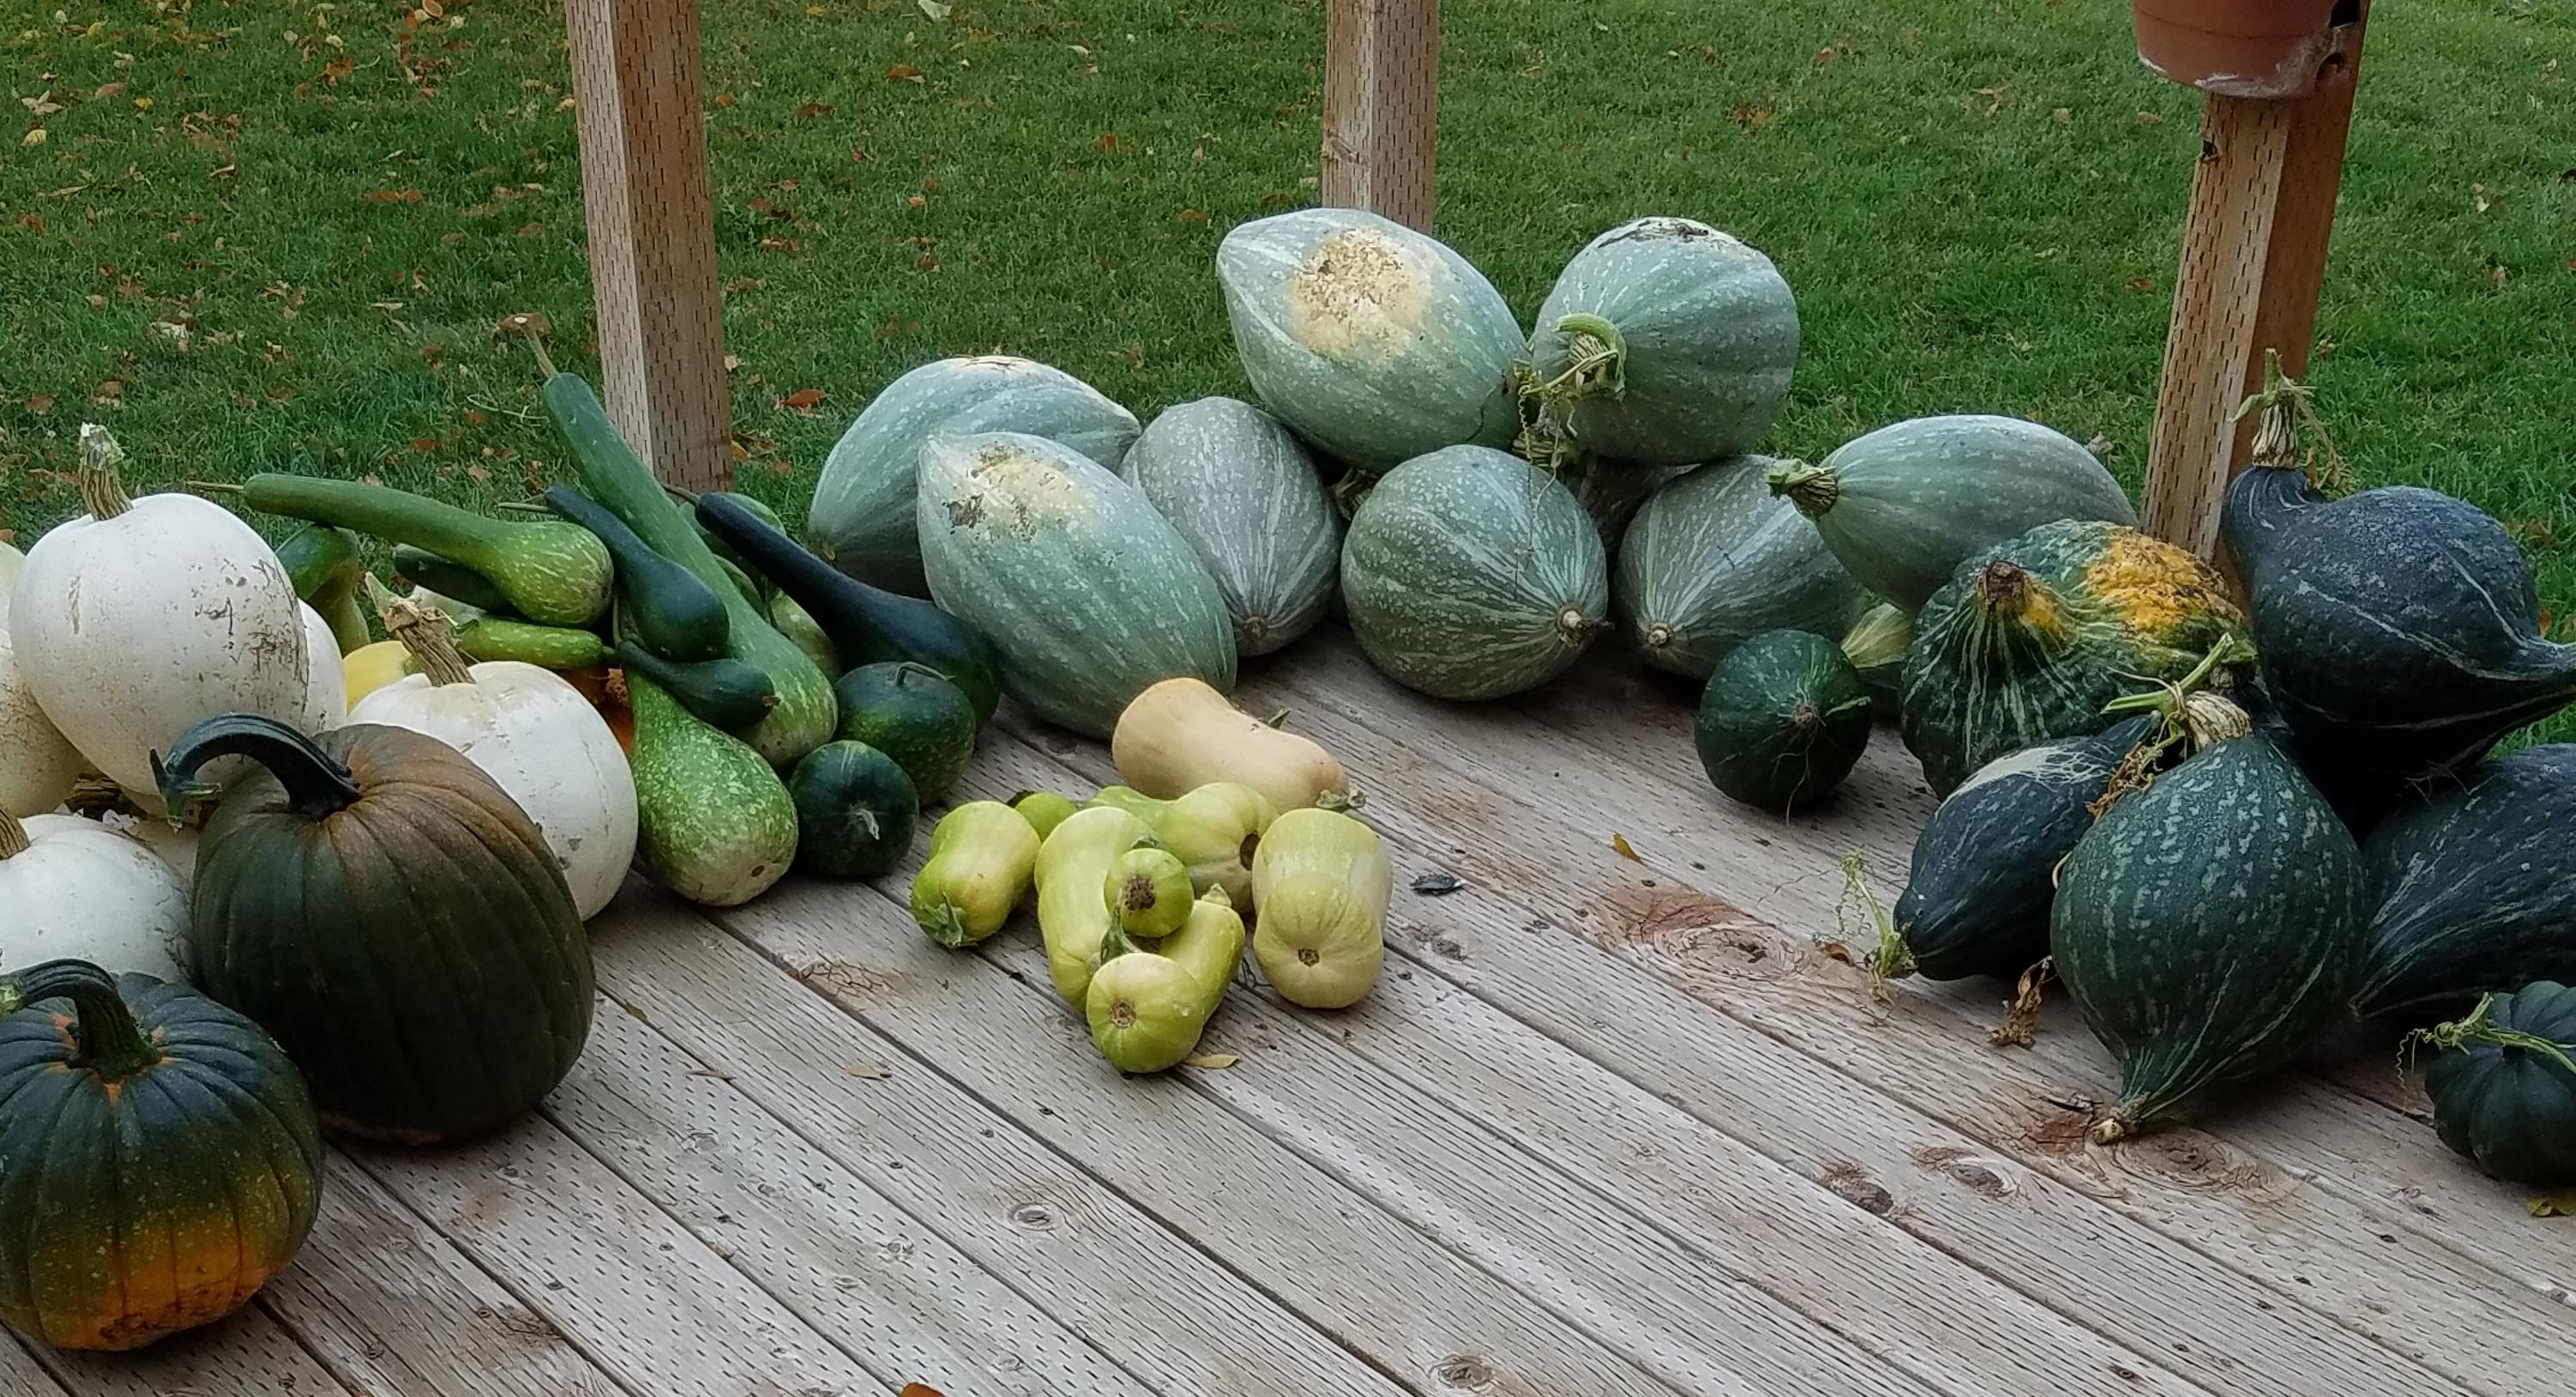 20181004_161729-crop